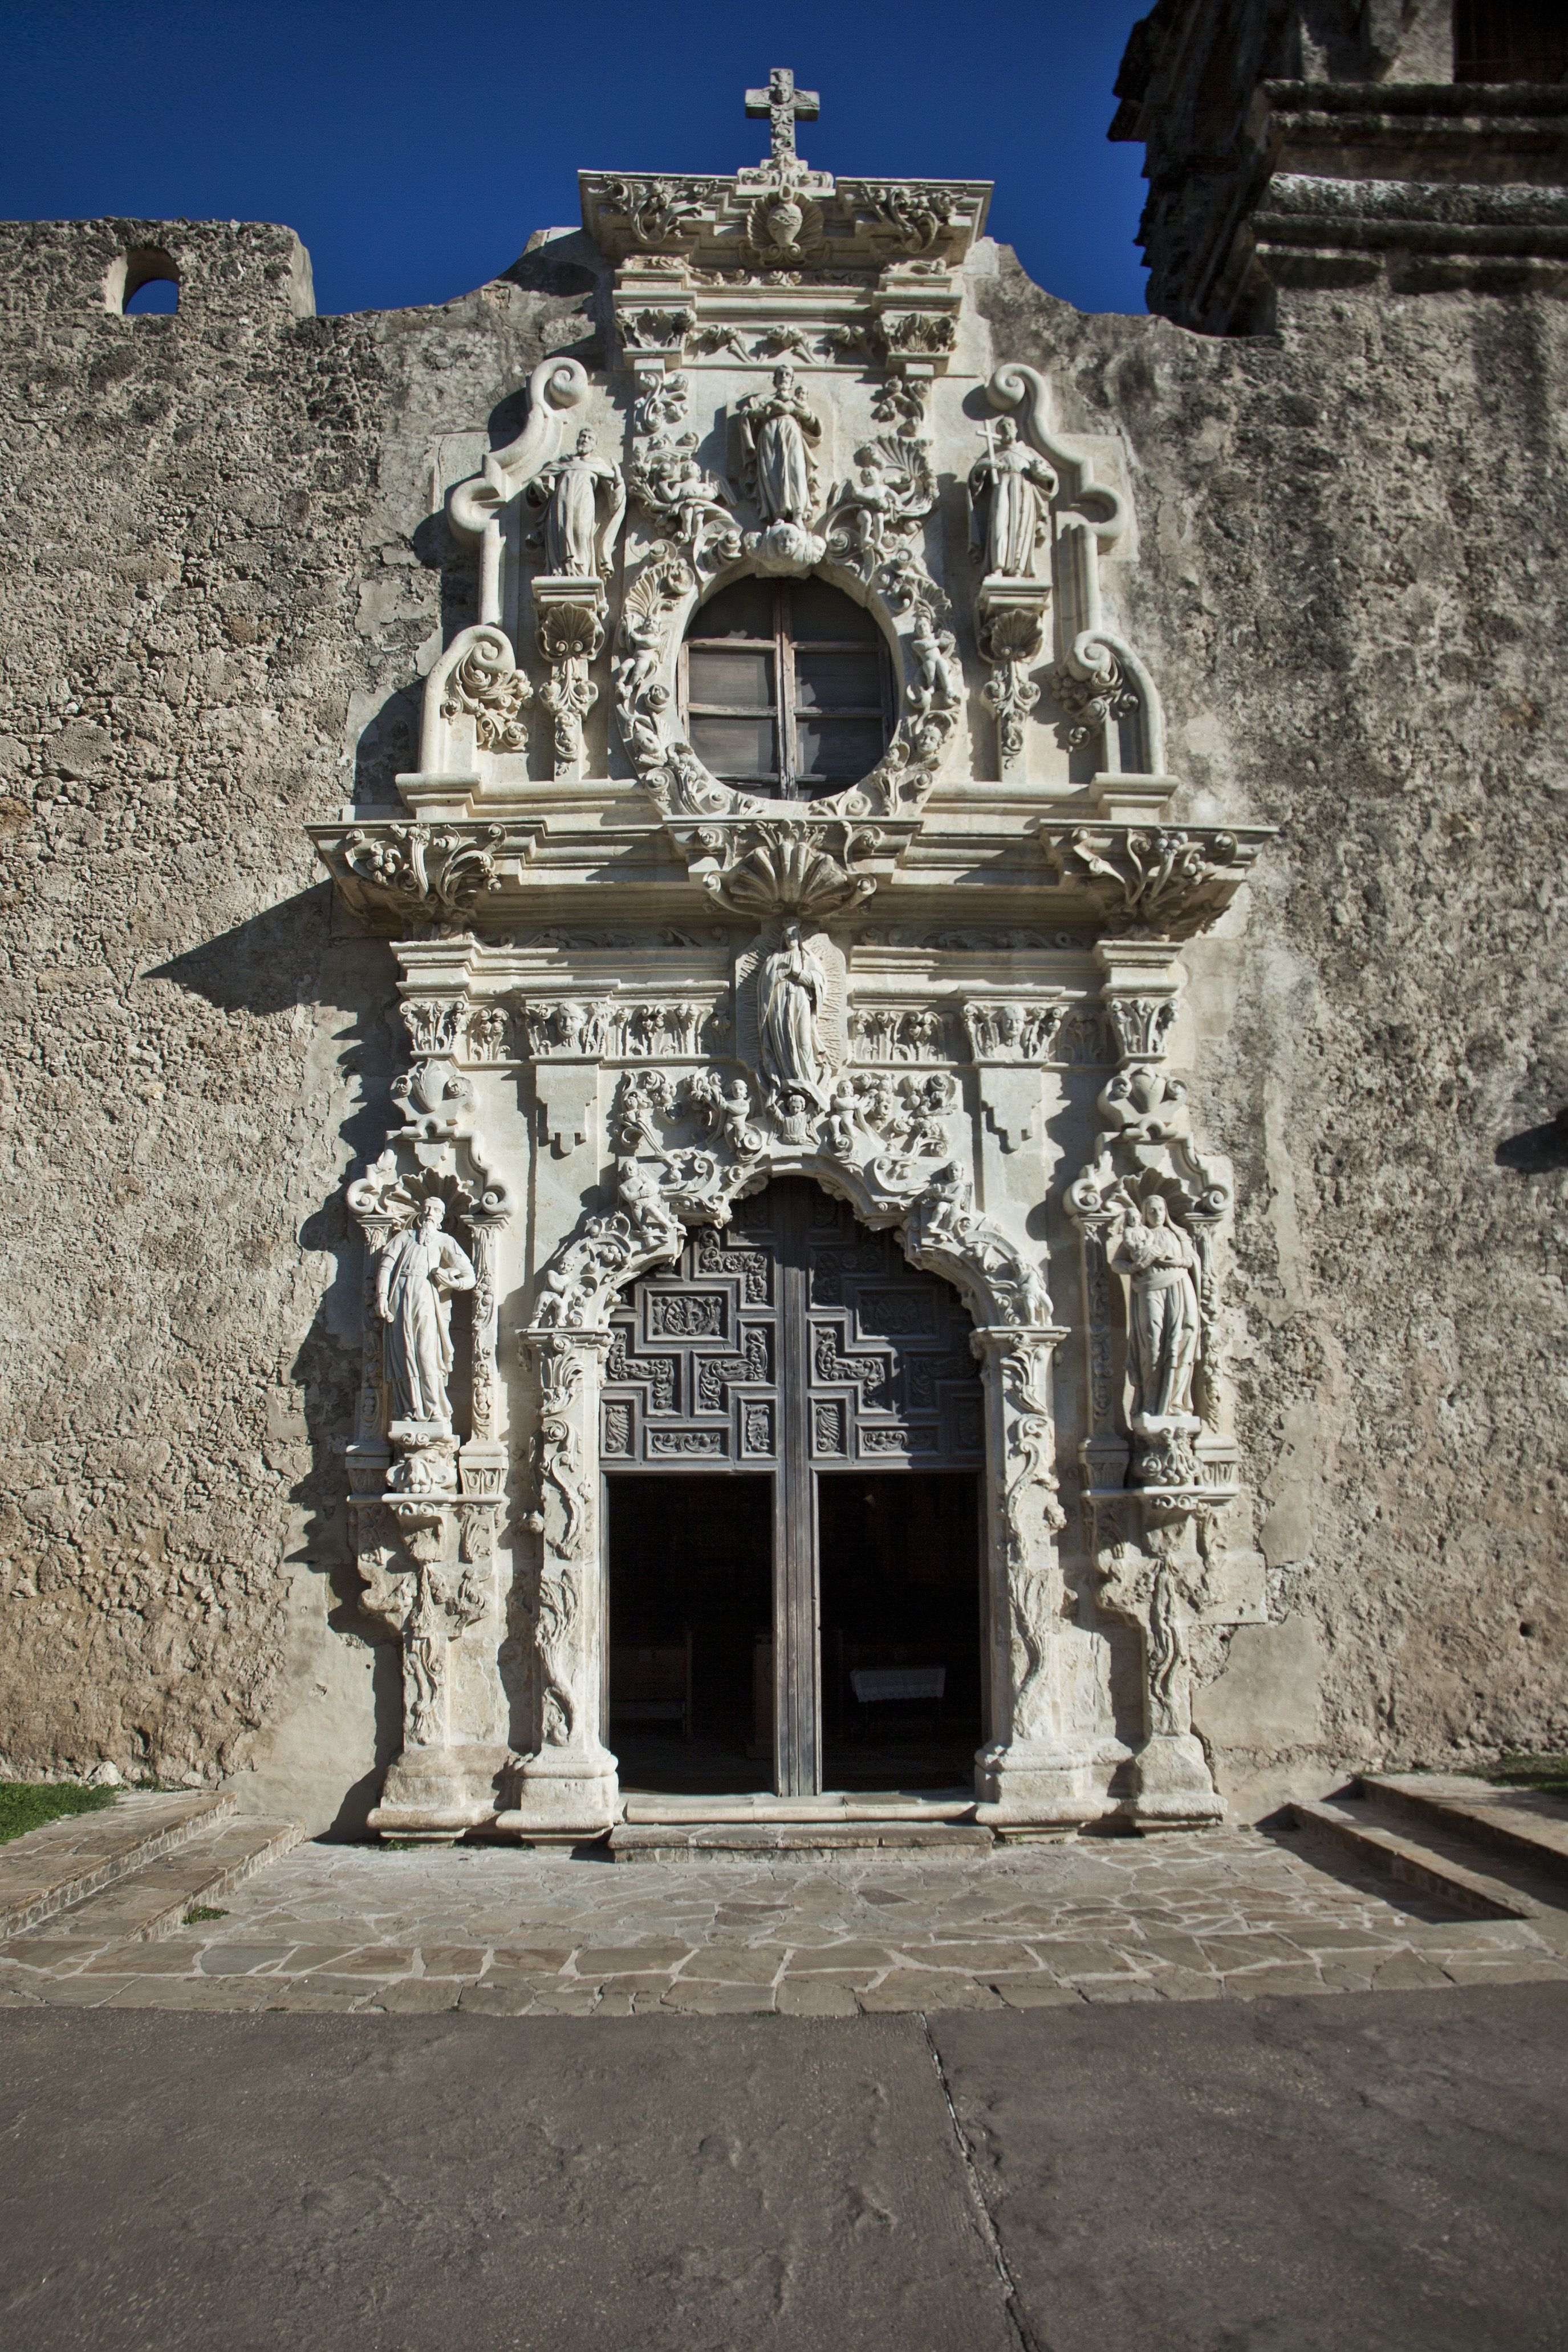 San Juan mission, San Antonio, TX